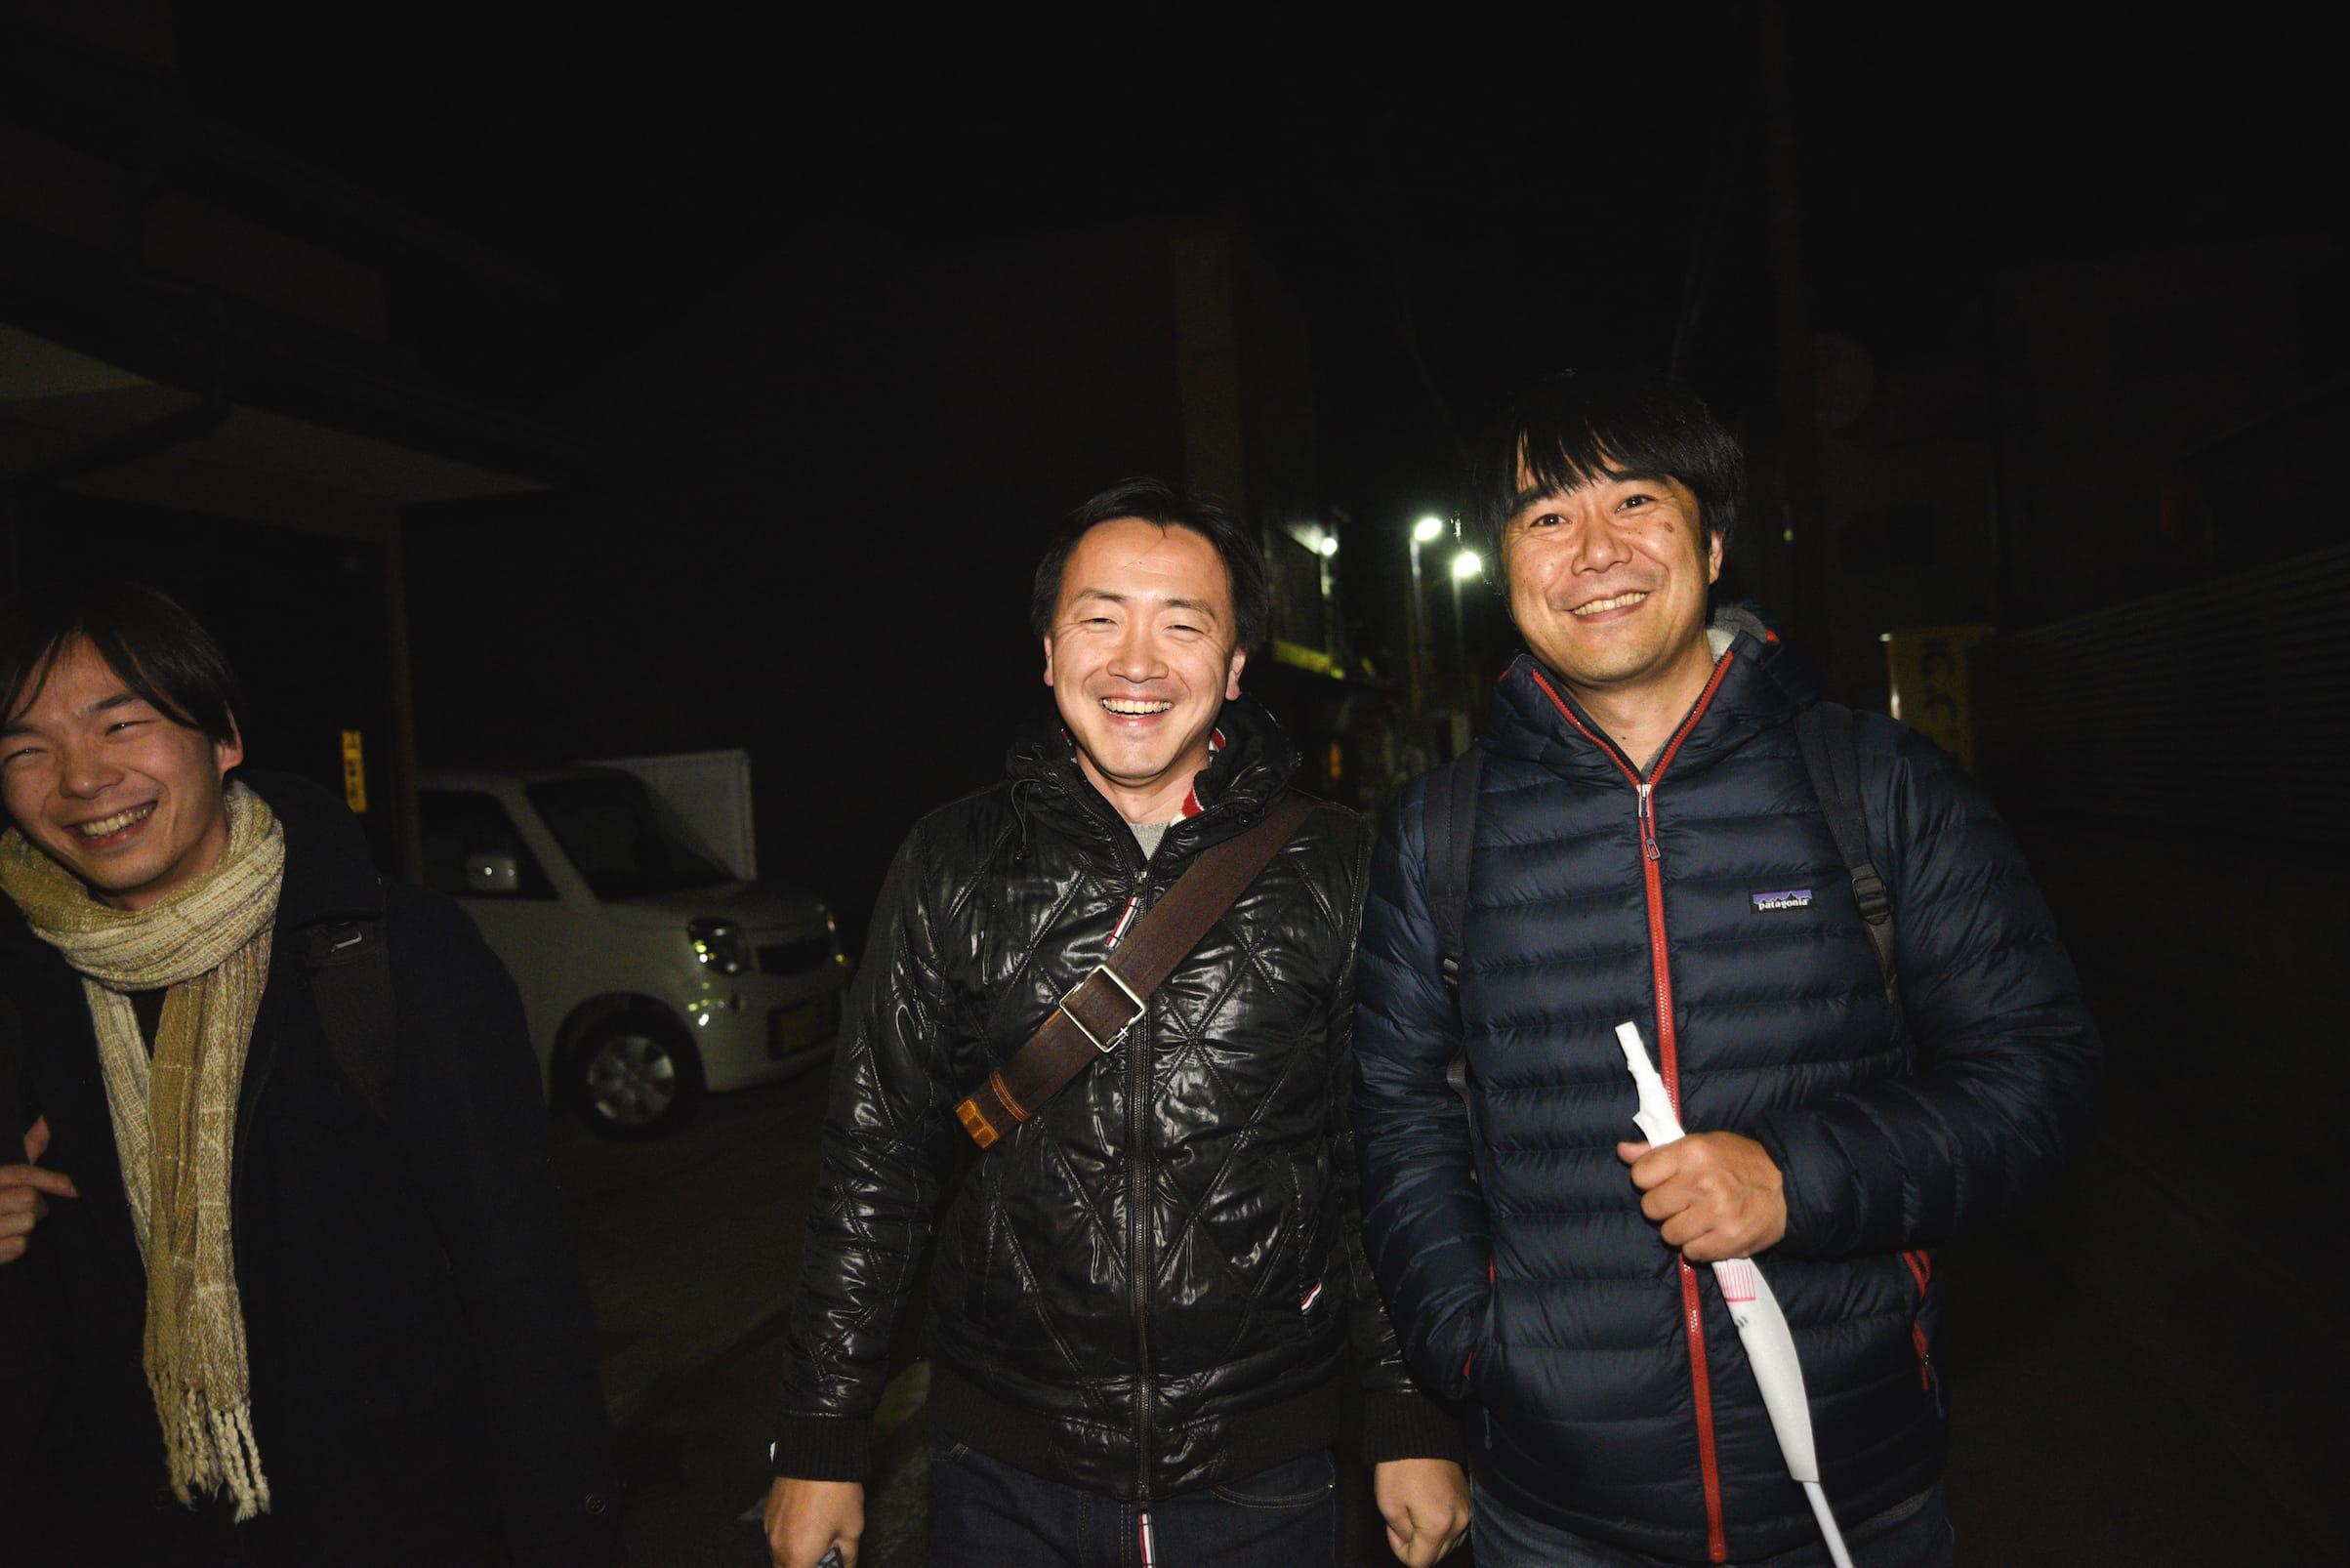 洲本の素敵な飲み屋巡りを案内してくれた富田さん(中央)。ツアーメンバーとも次第に打ち解けて会話が弾み、あっという間に夜は更けていった。